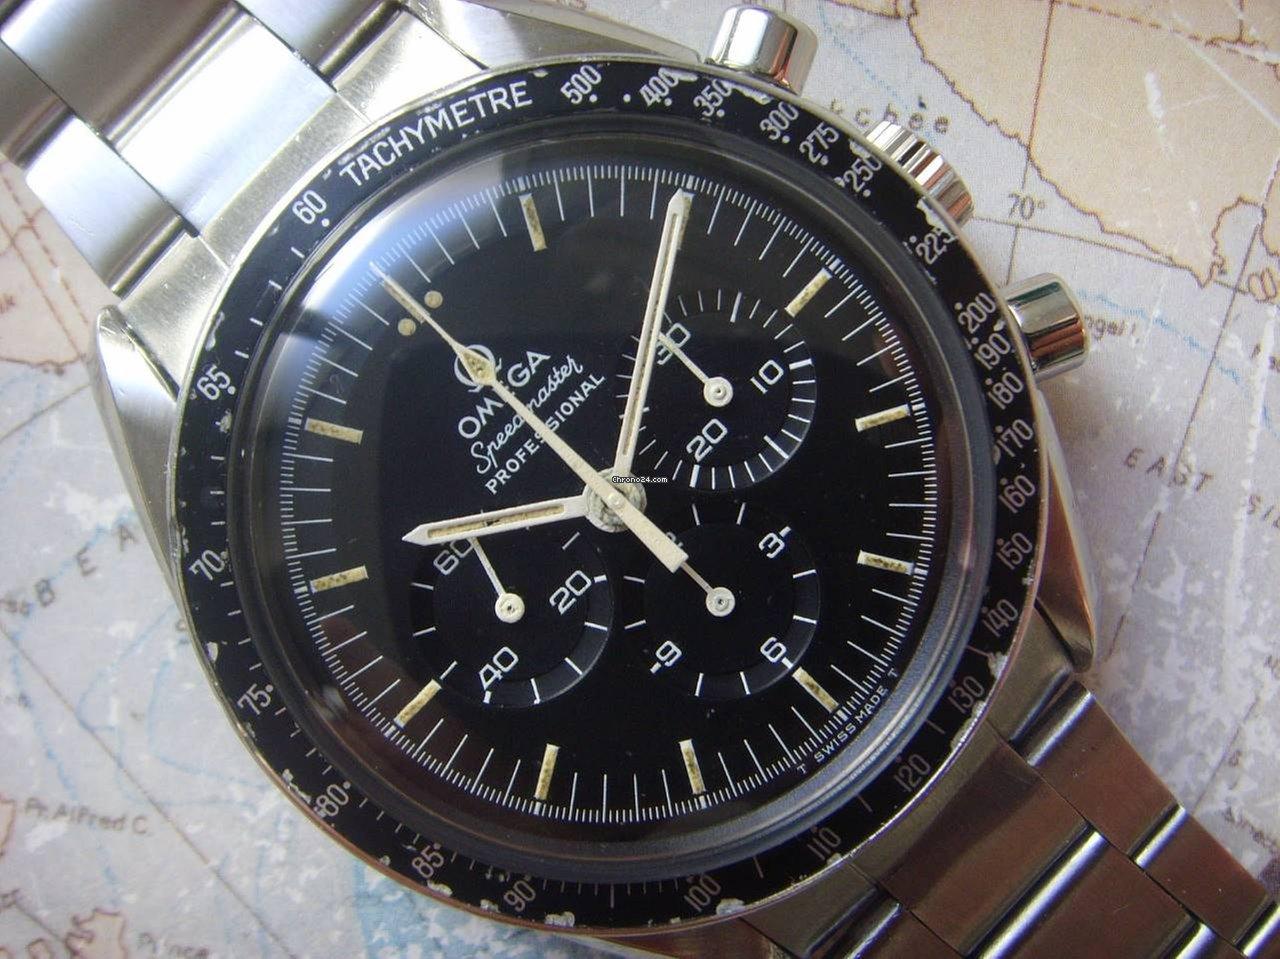 072fff91119b Omega Speedmaster Professional Moonwatch - Precios de Omega Speedmaster  Professional Moonwatch en Chrono24